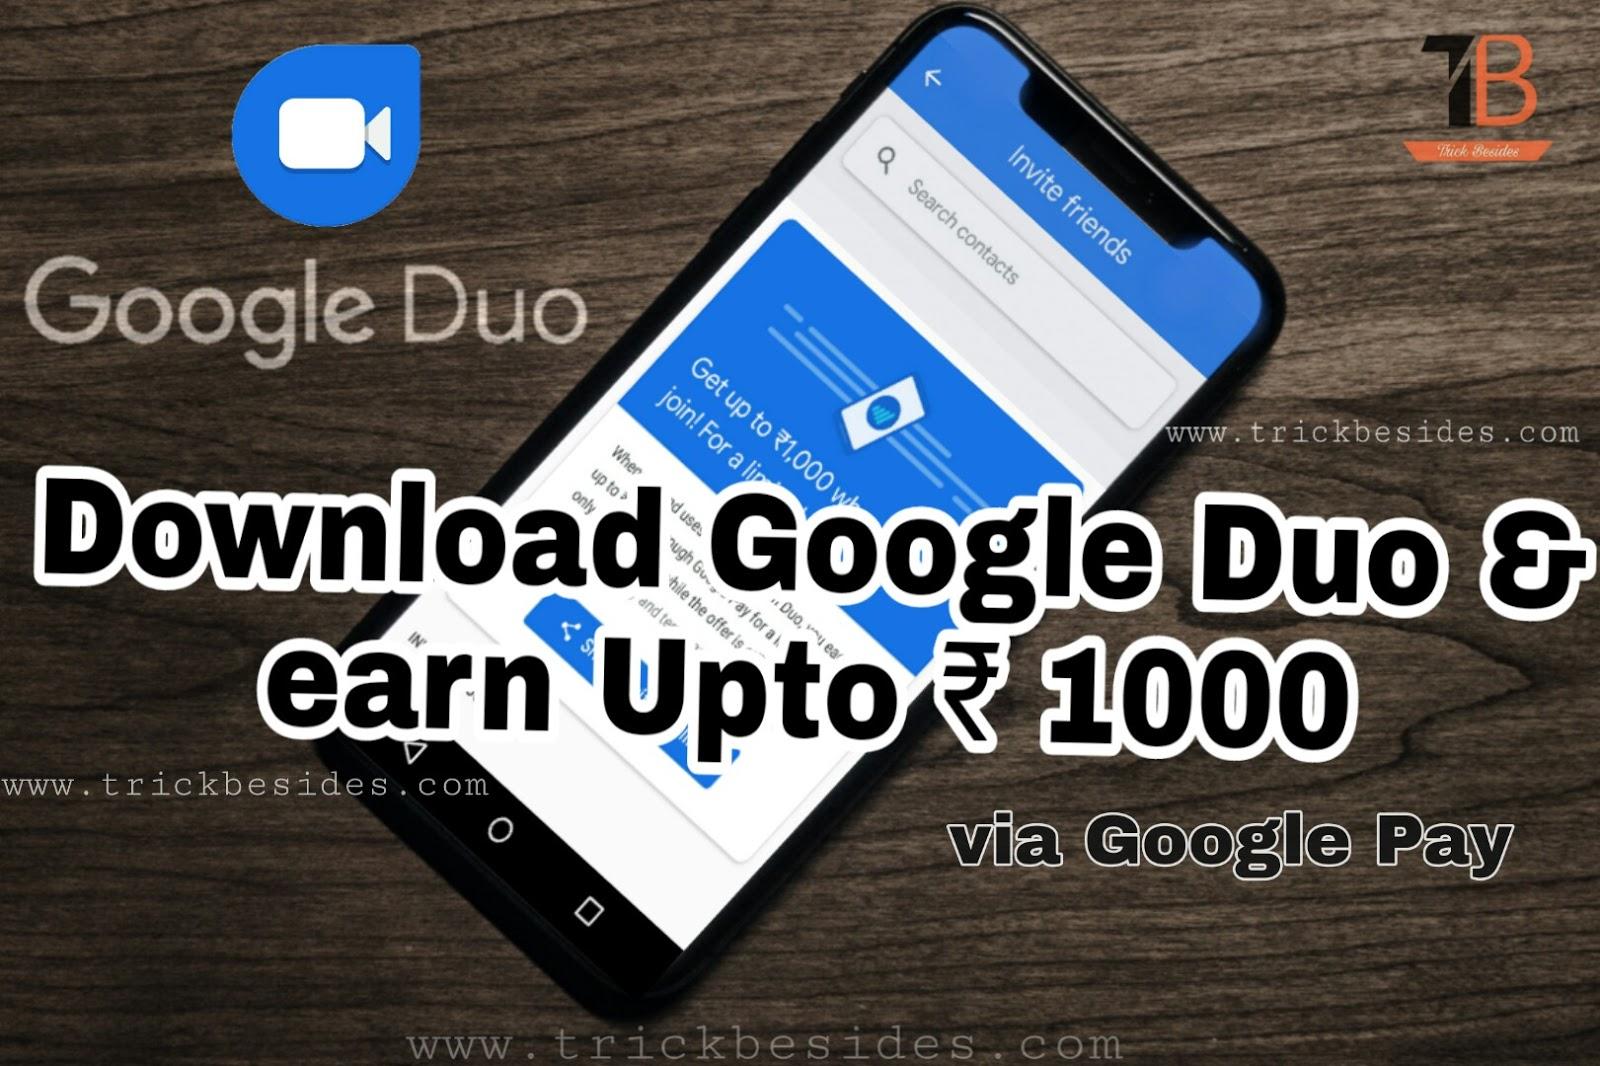 Google Duo : Earn upto ₹1000 per Referral !!